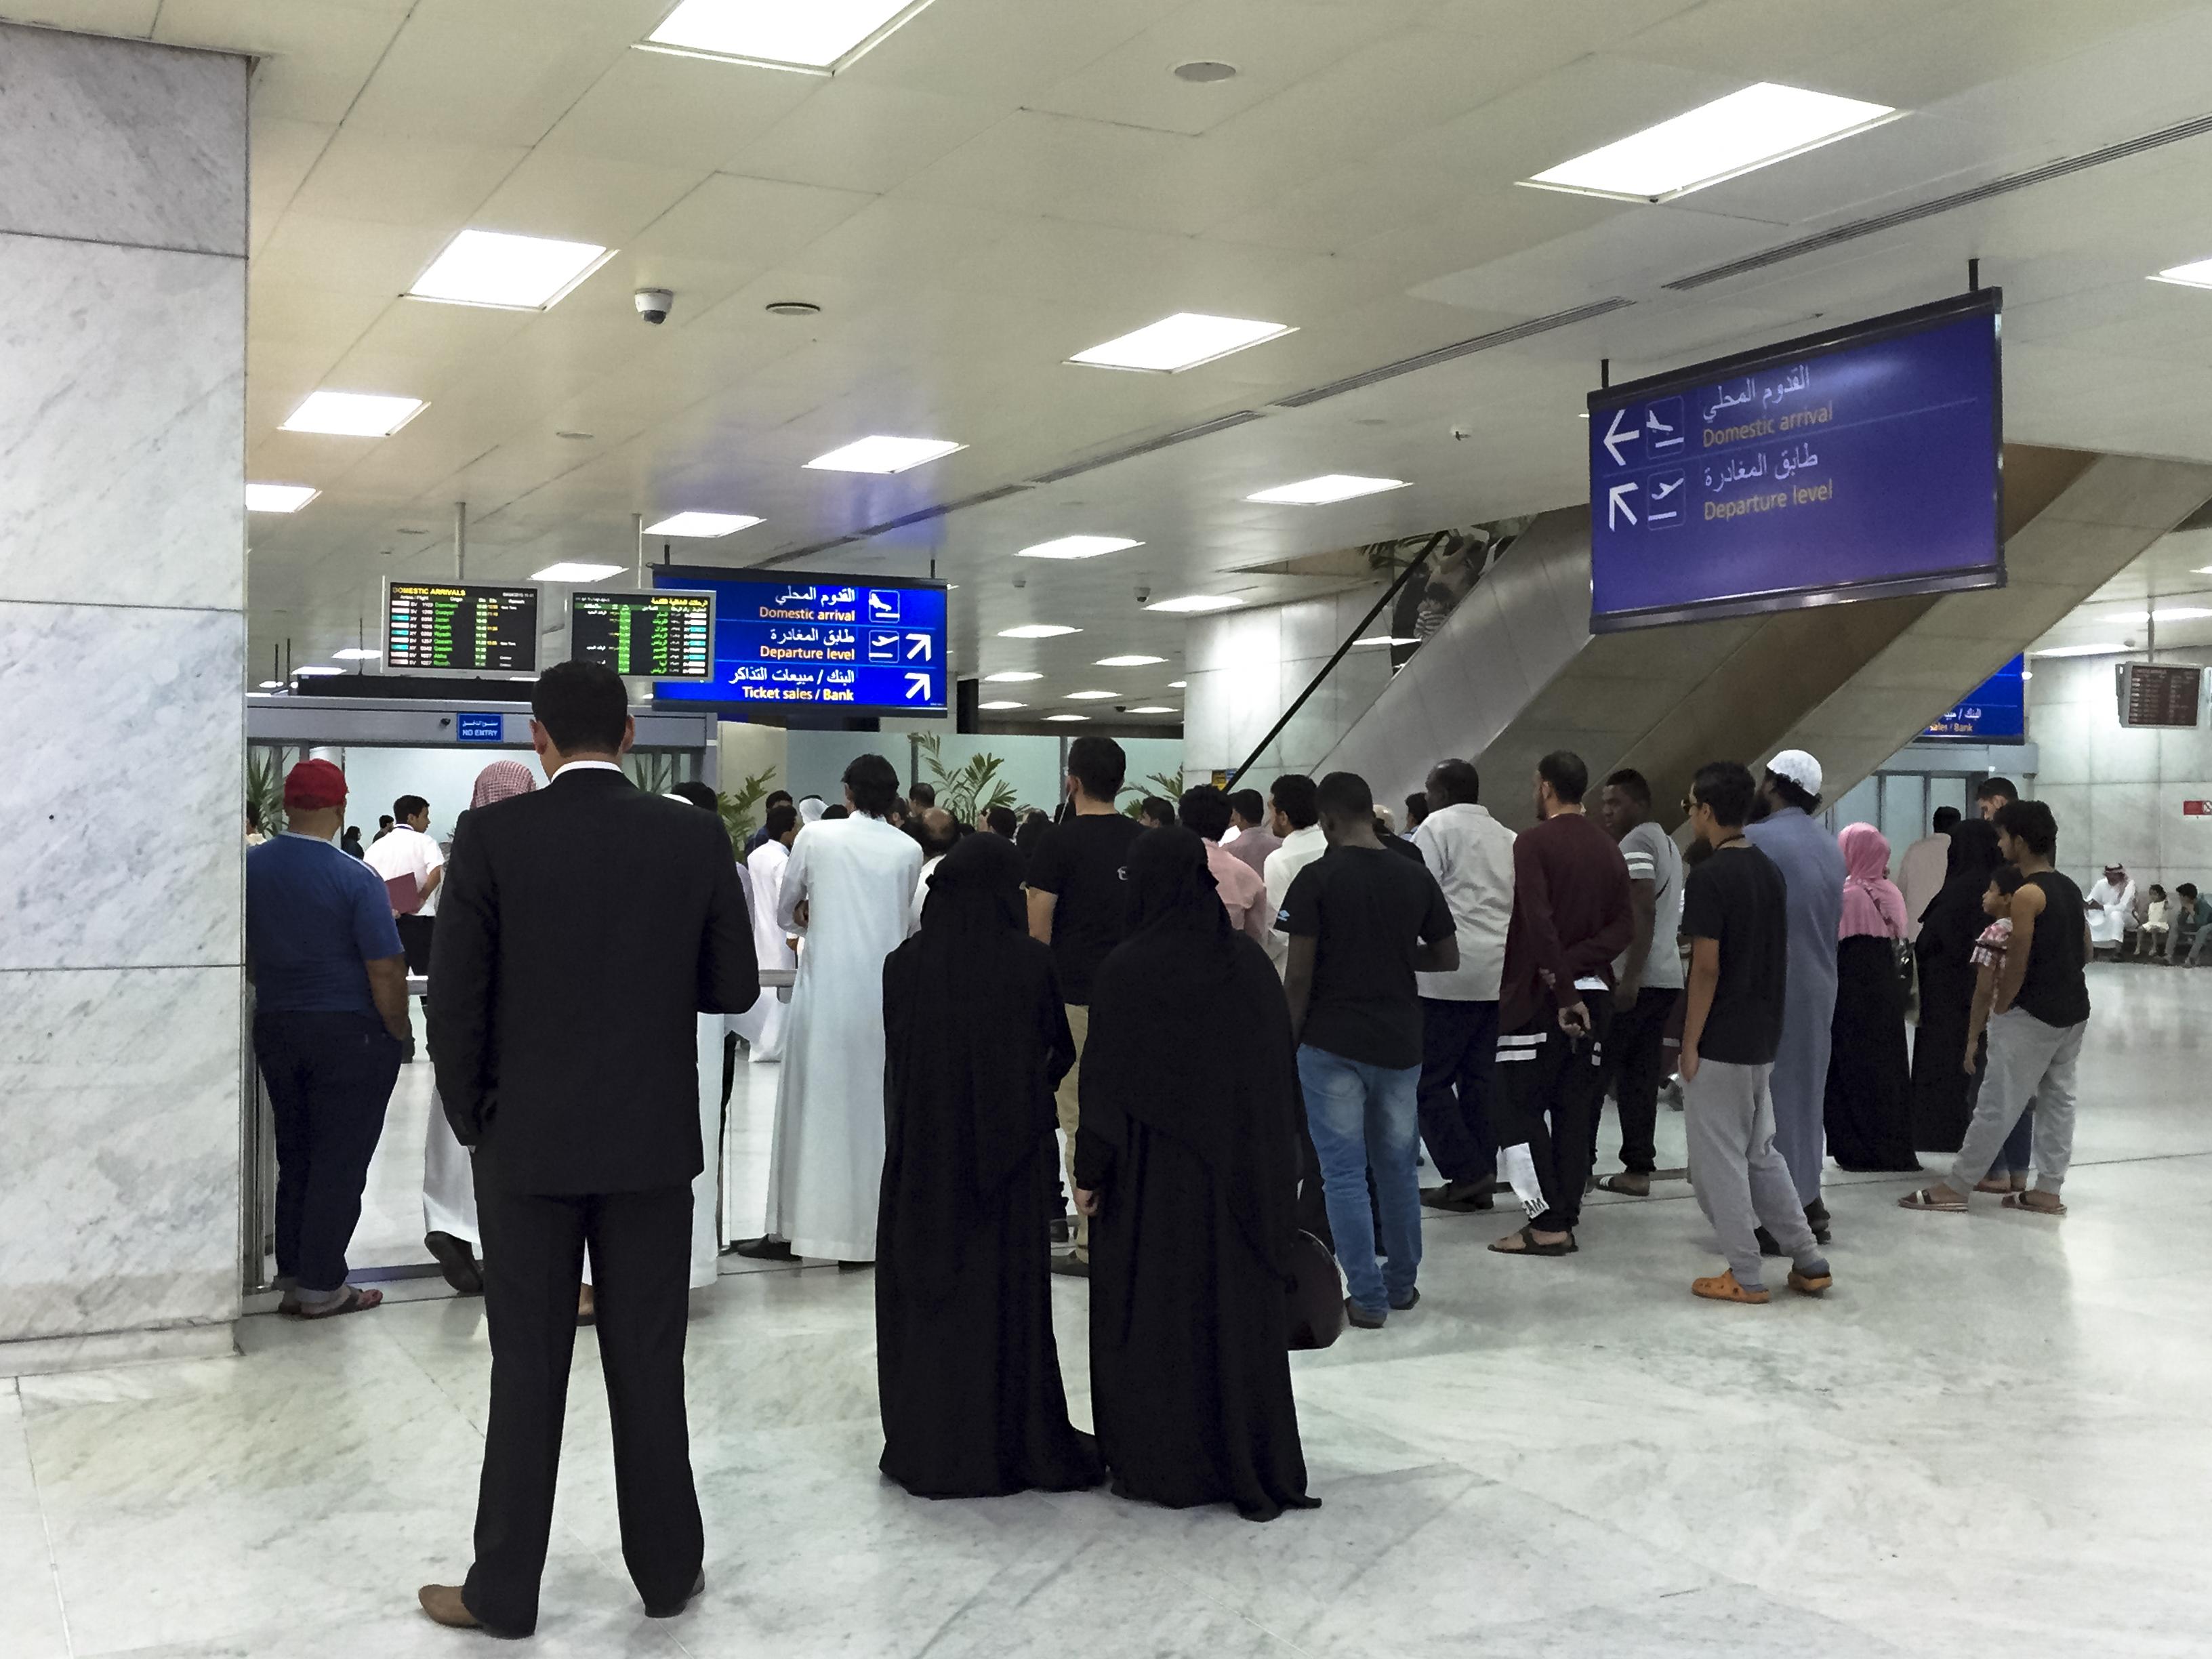 مطار في المملكة العربية السعودية